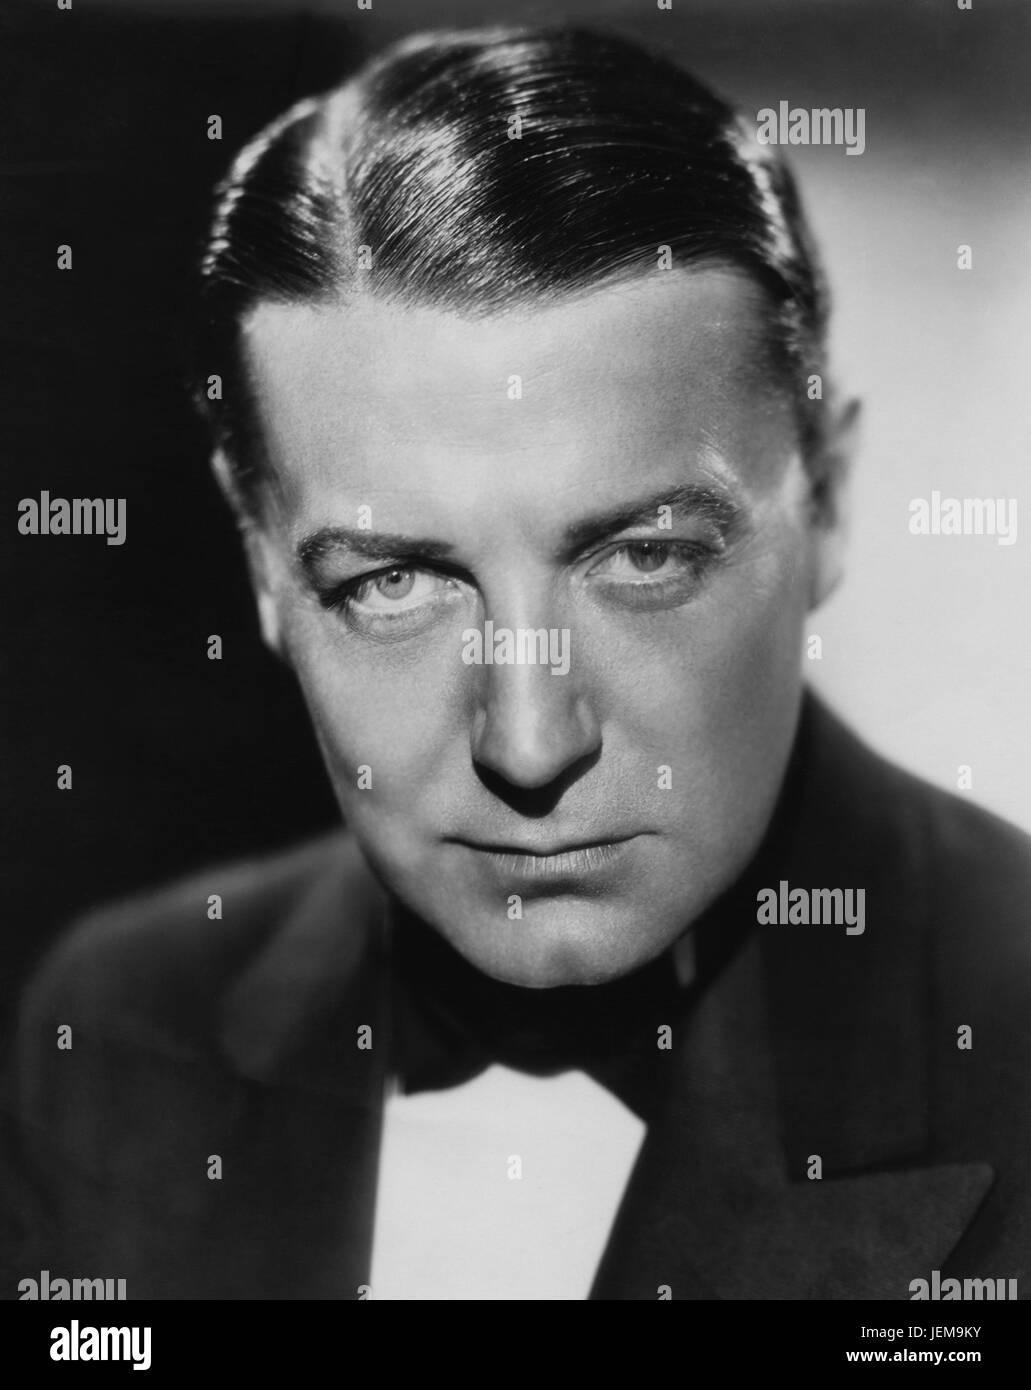 Actor Clive Brook, Publicity Portrait, 1930's - Stock Image